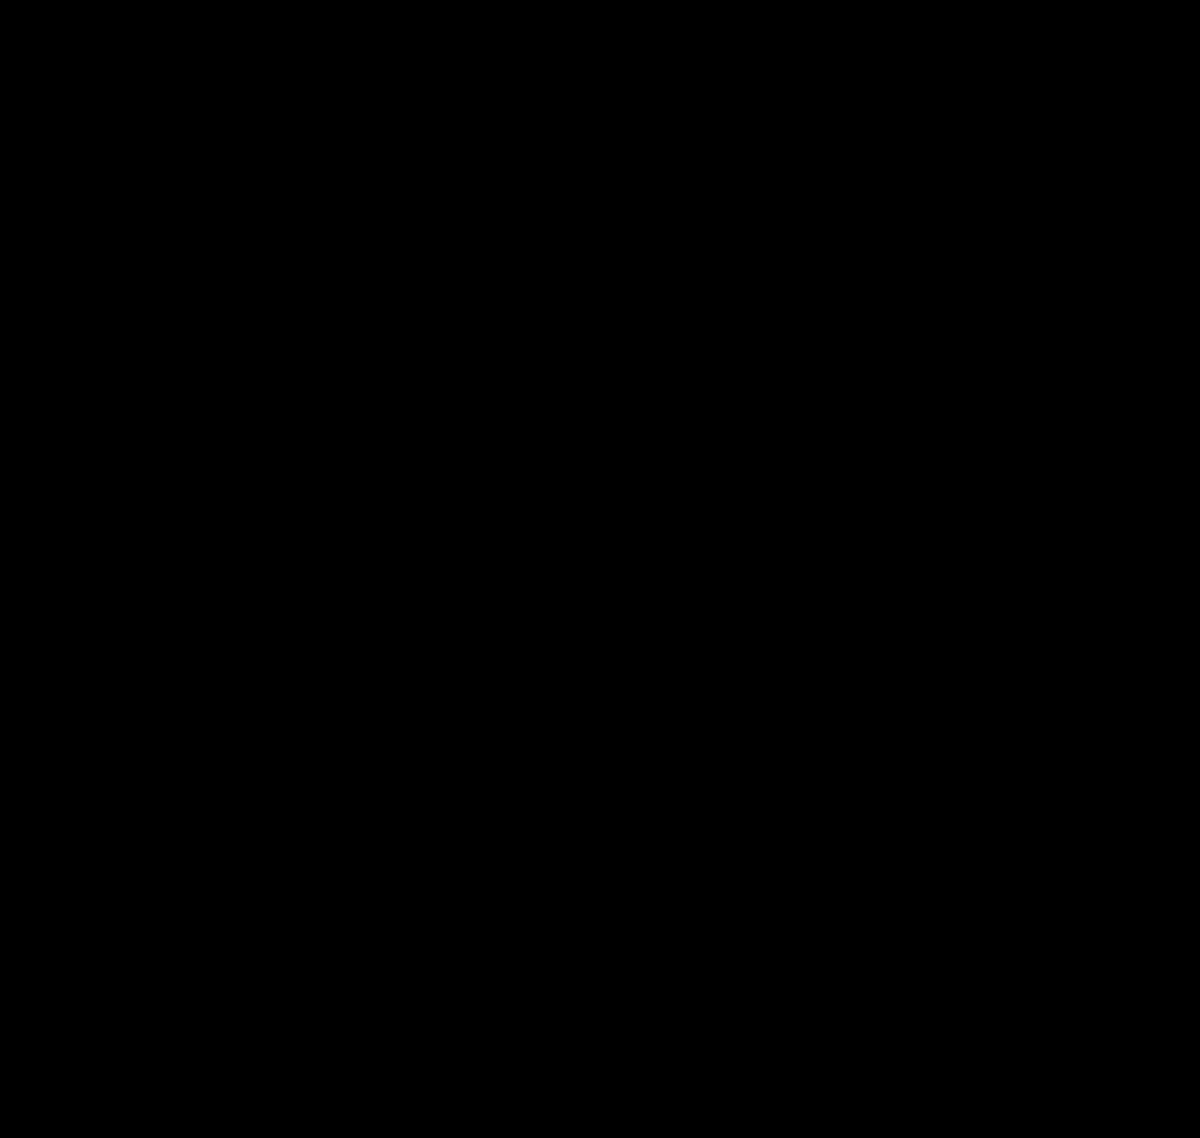 1200x1138 Clockwise